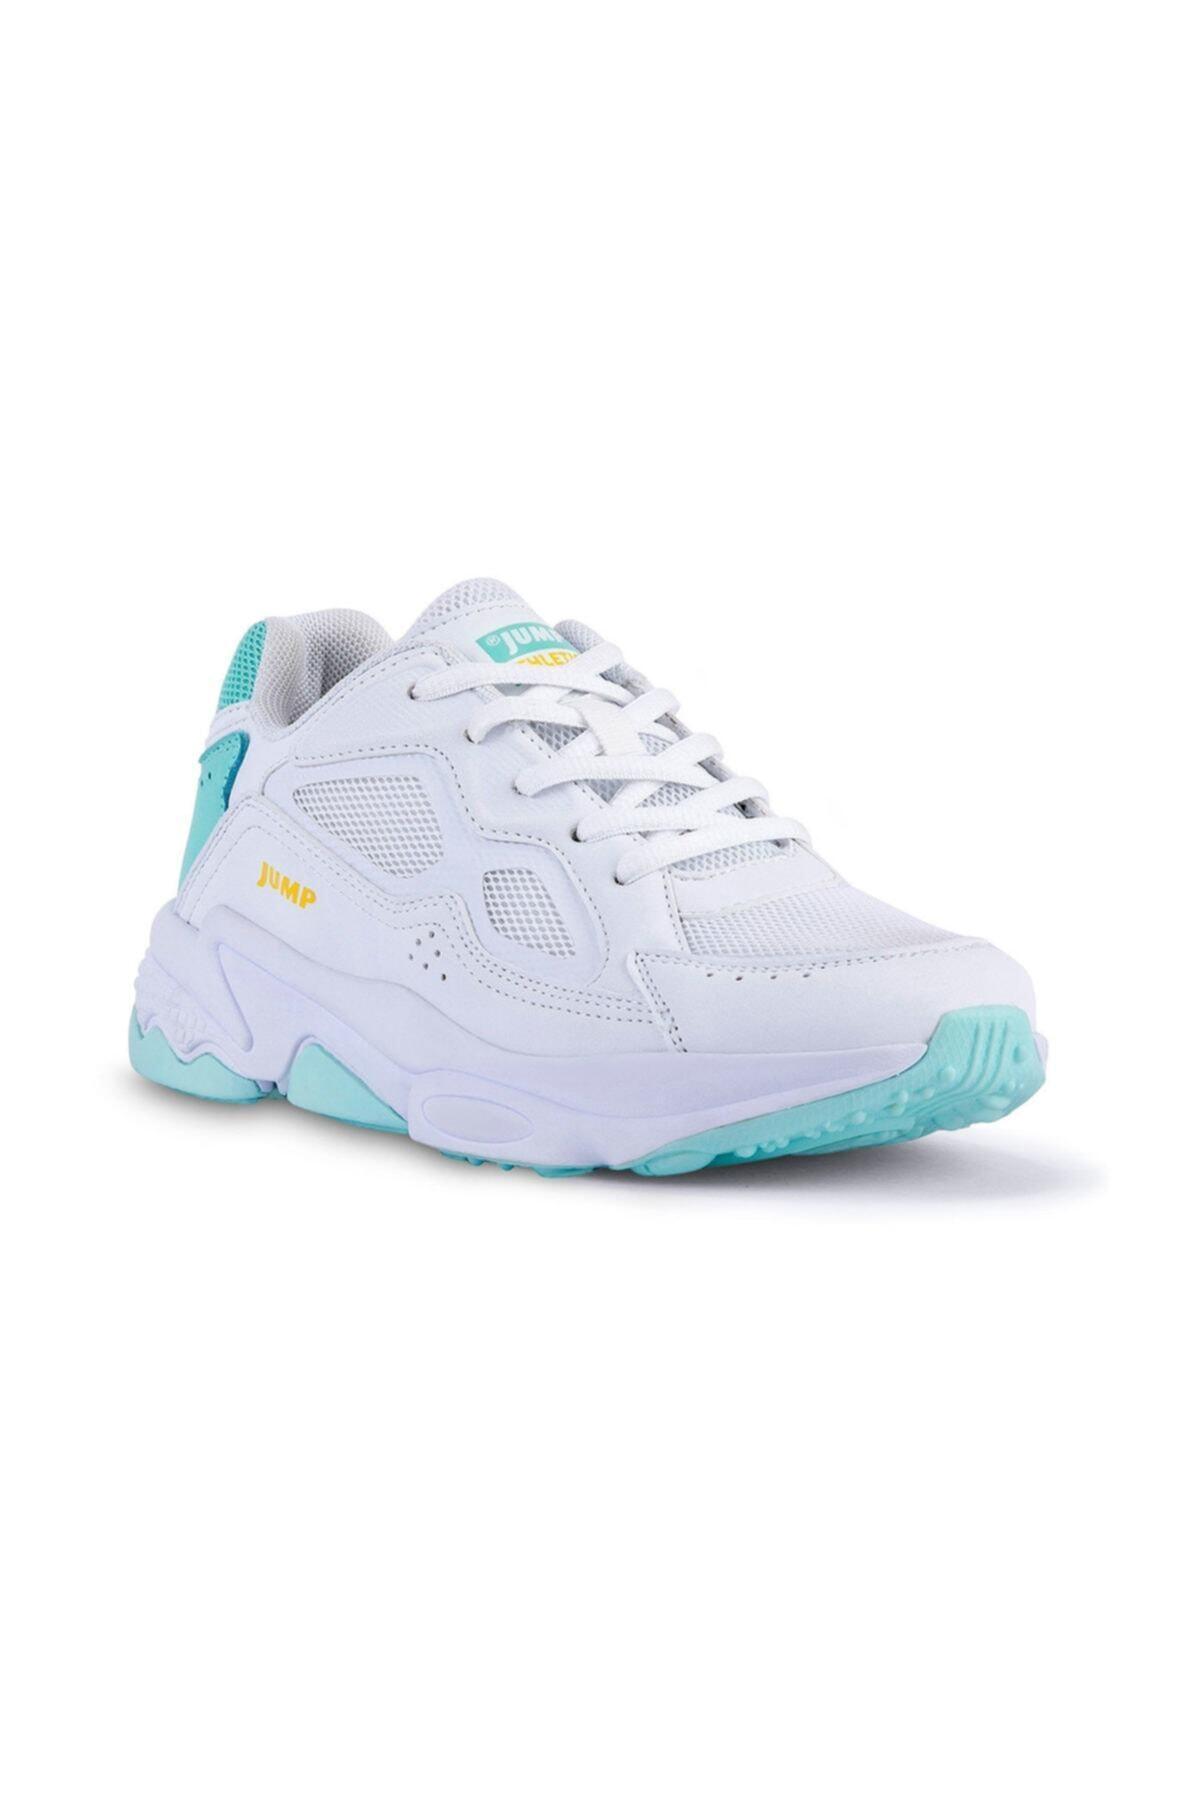 Jump Kadın Beyaz Mint Spor Ayakkabı 24711 20S0424711 1